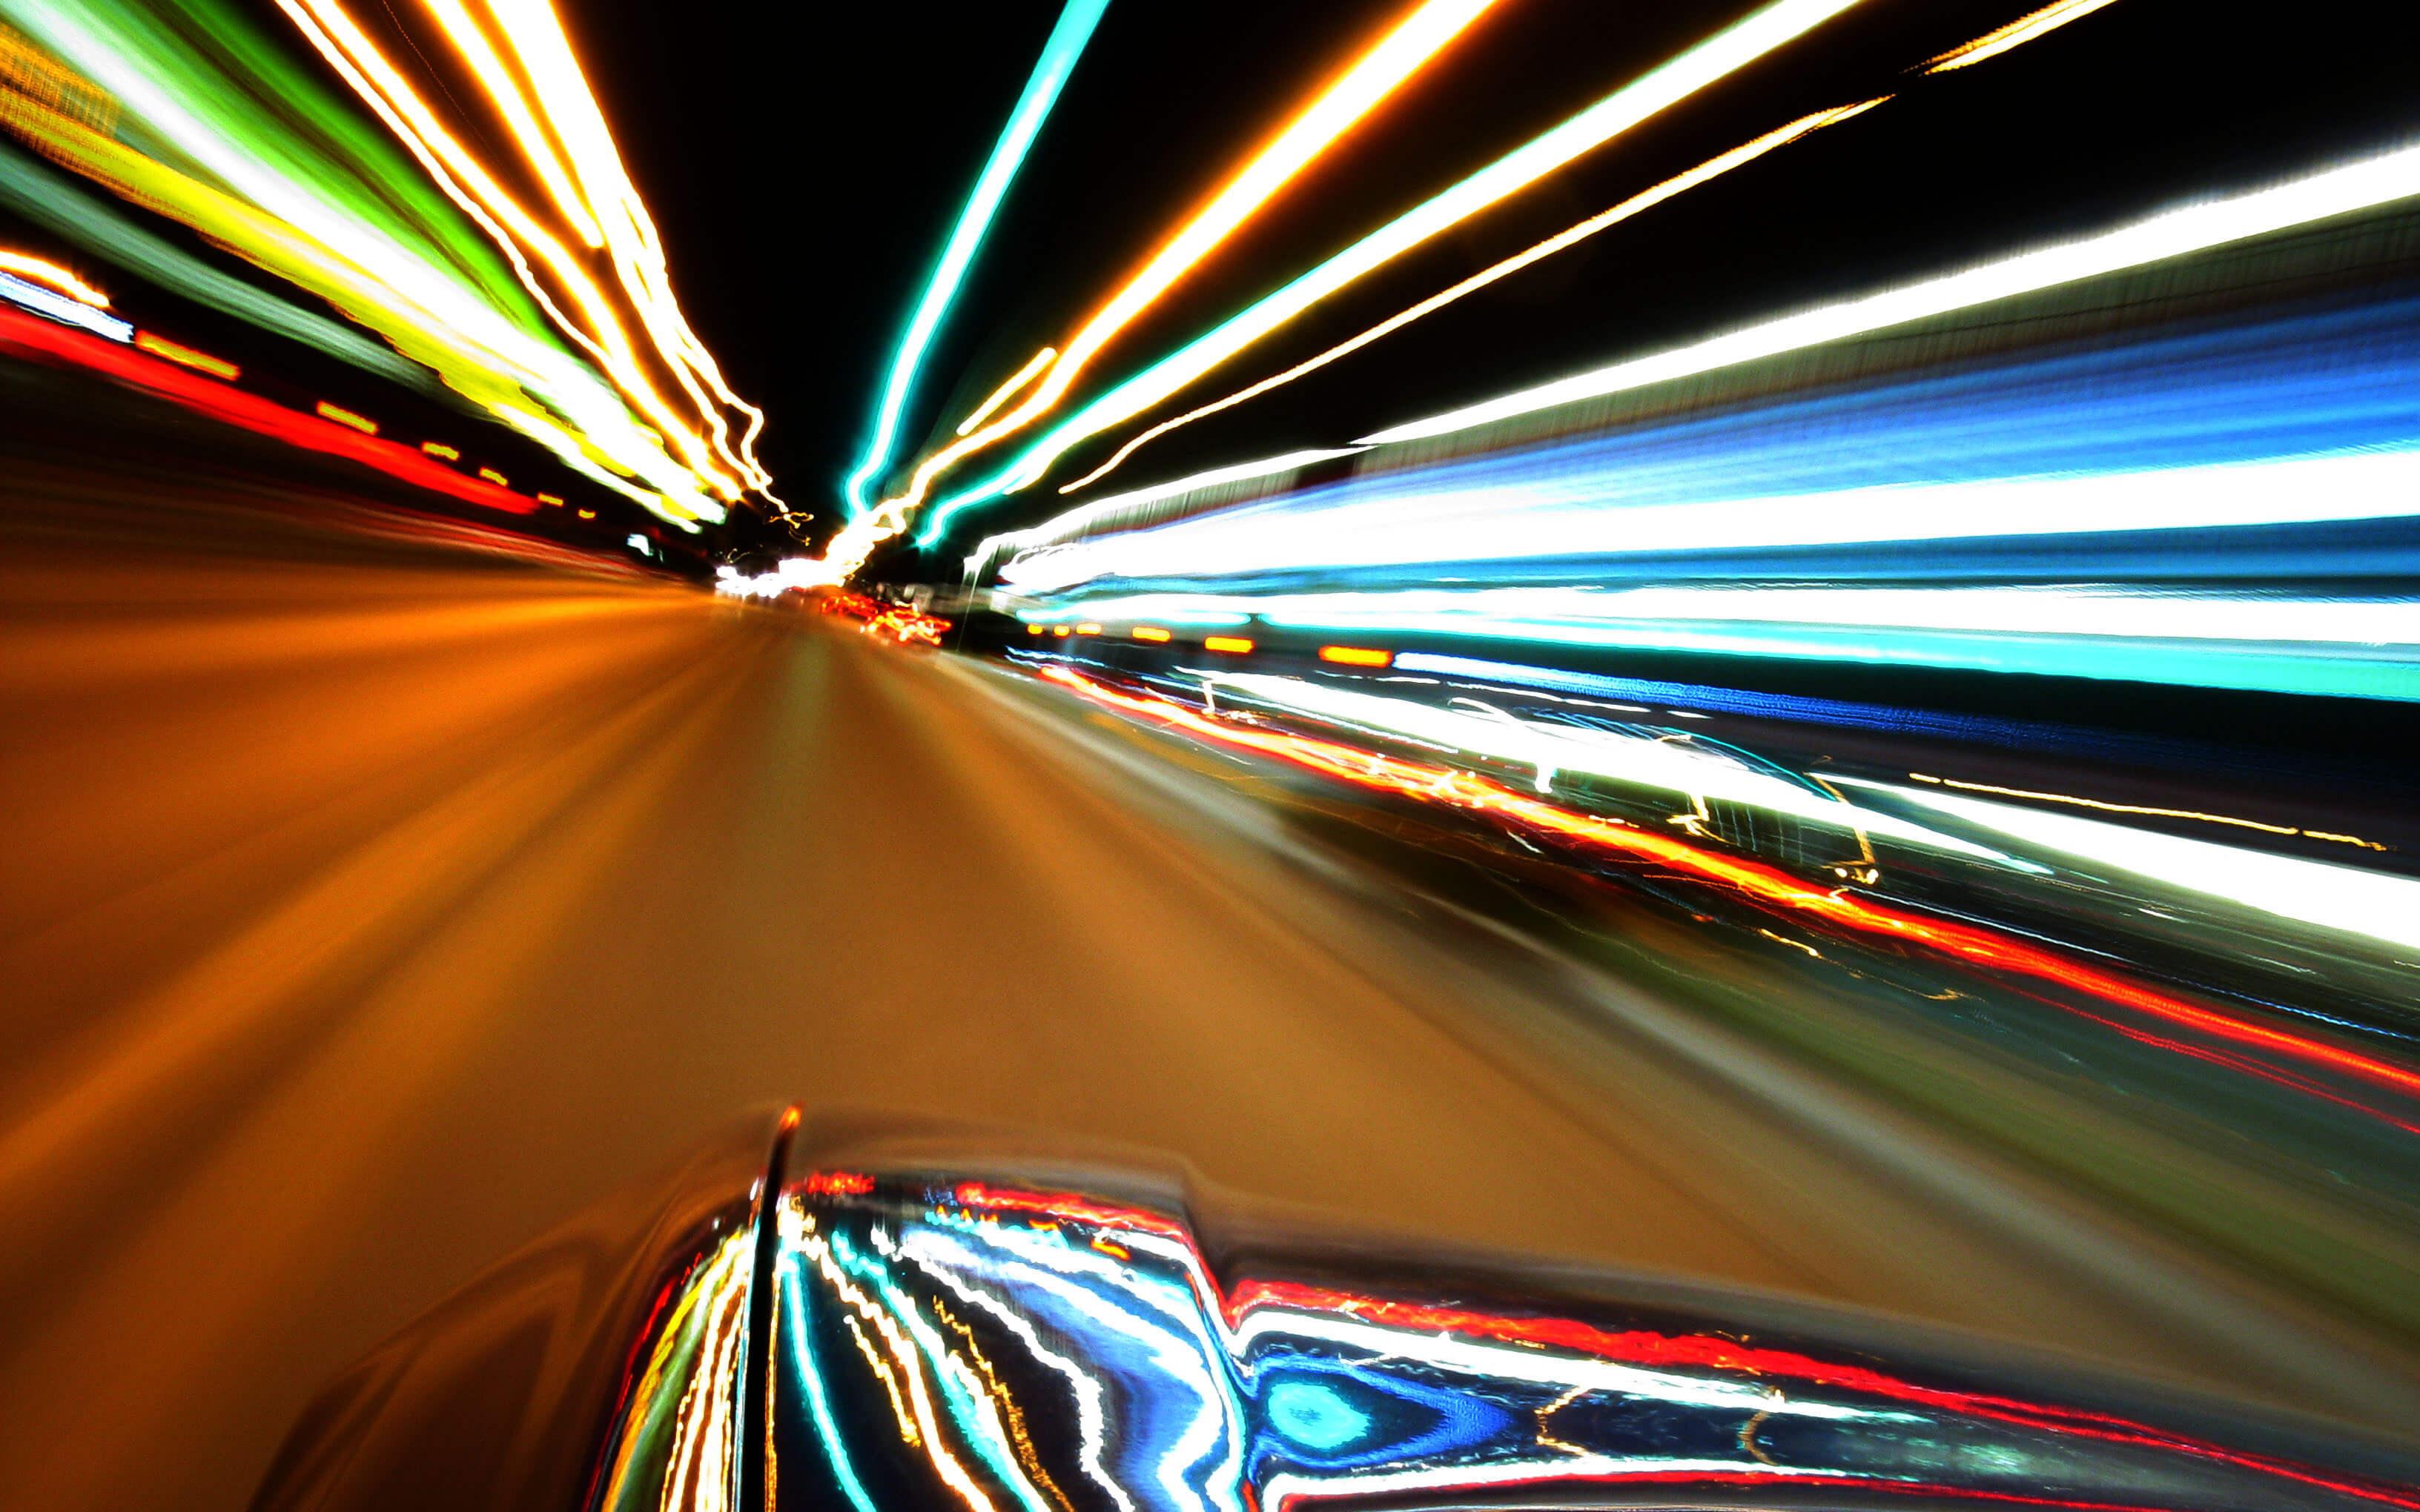 На сколько можно превышать скорость без штрафов: разрешенные и запрещенные отклонения